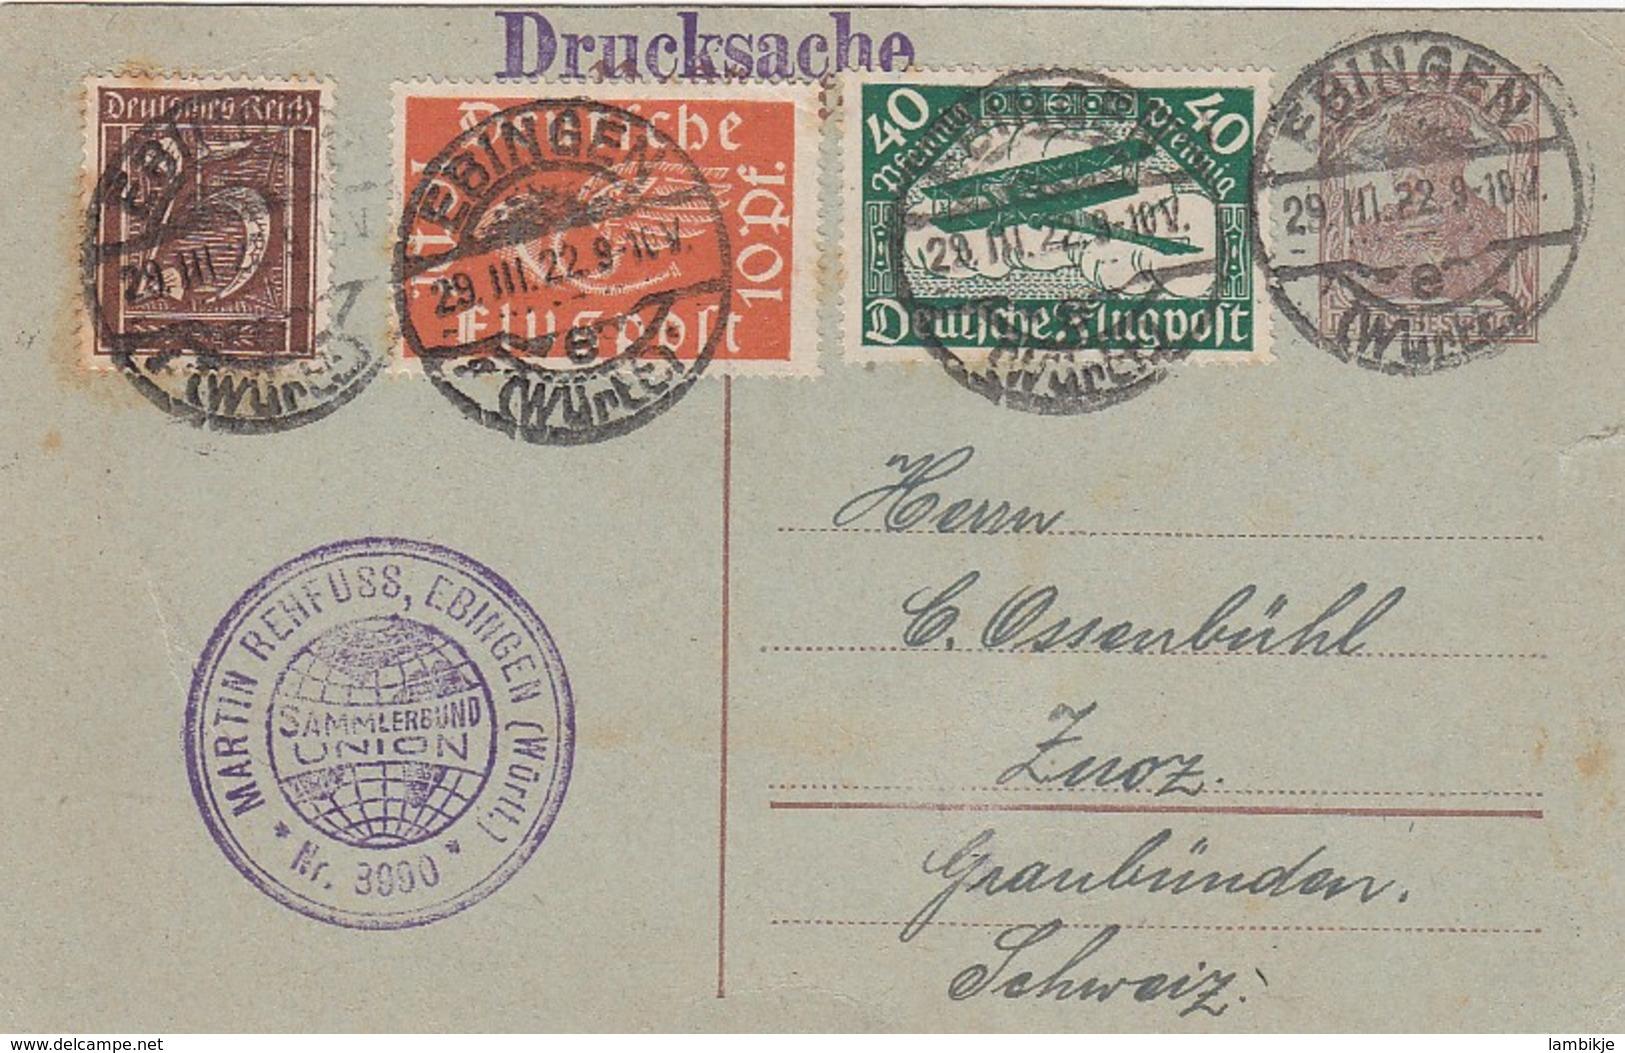 Deutsches Reich Postkarte Flugpost 1922 - Allemagne